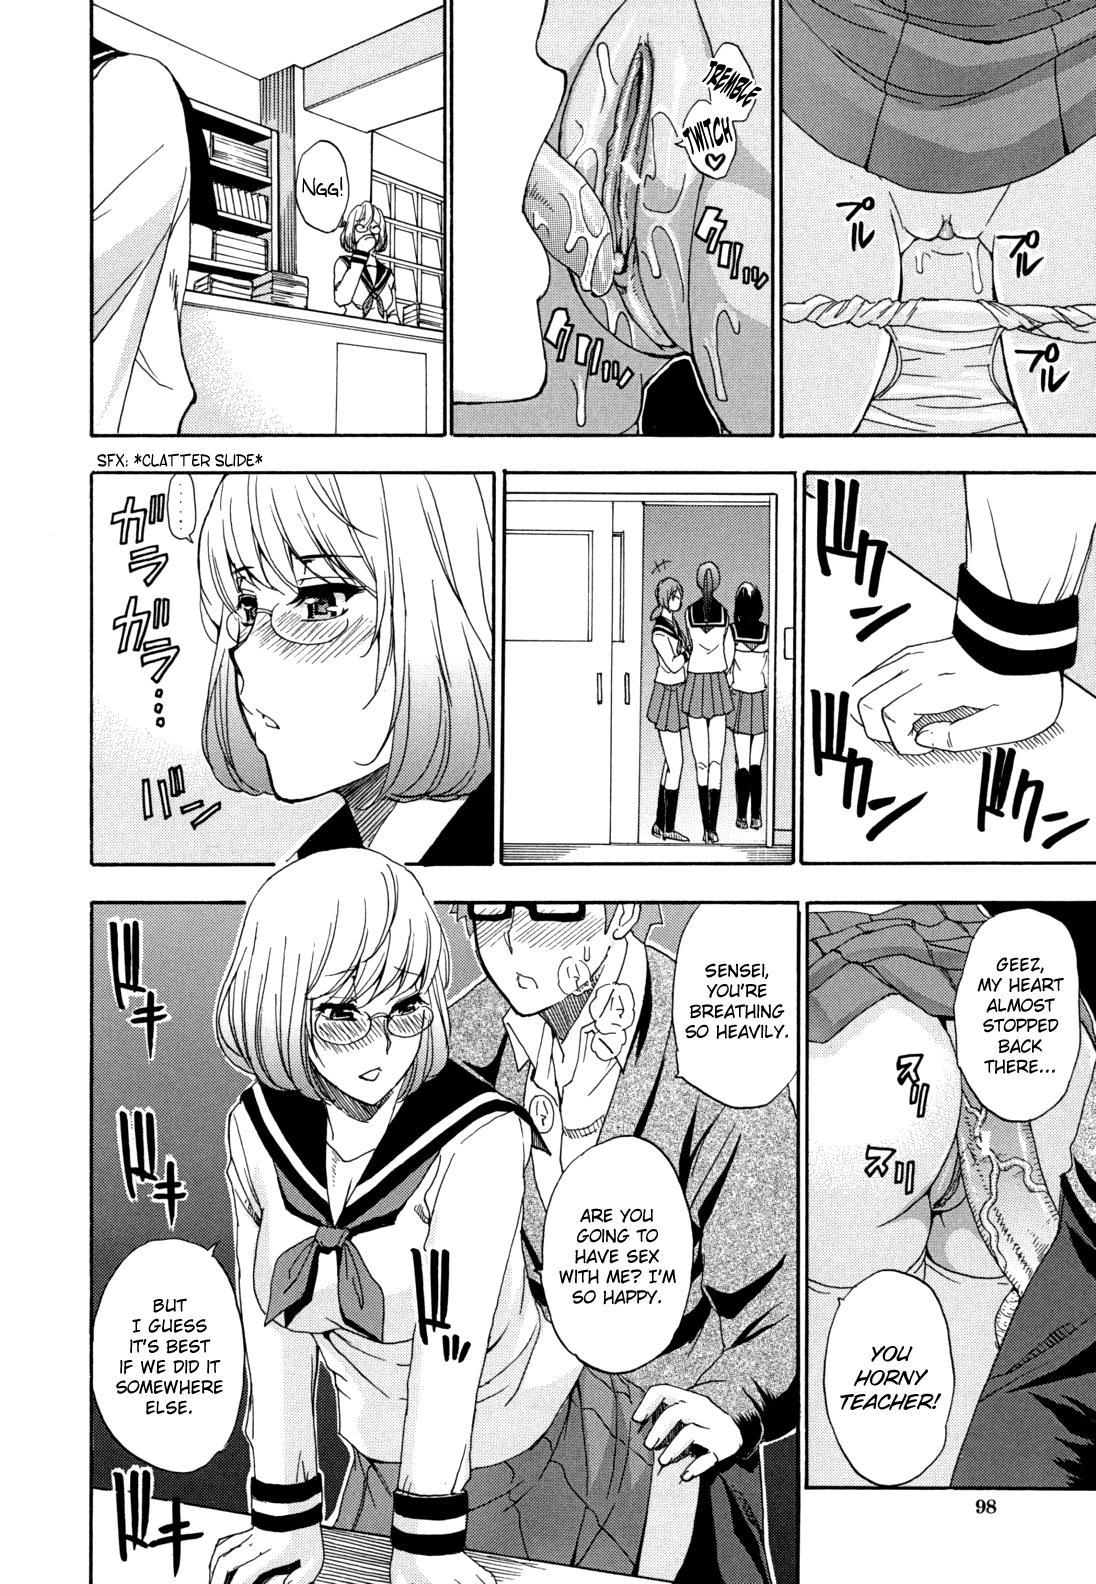 Kyoumi Shinshin 15